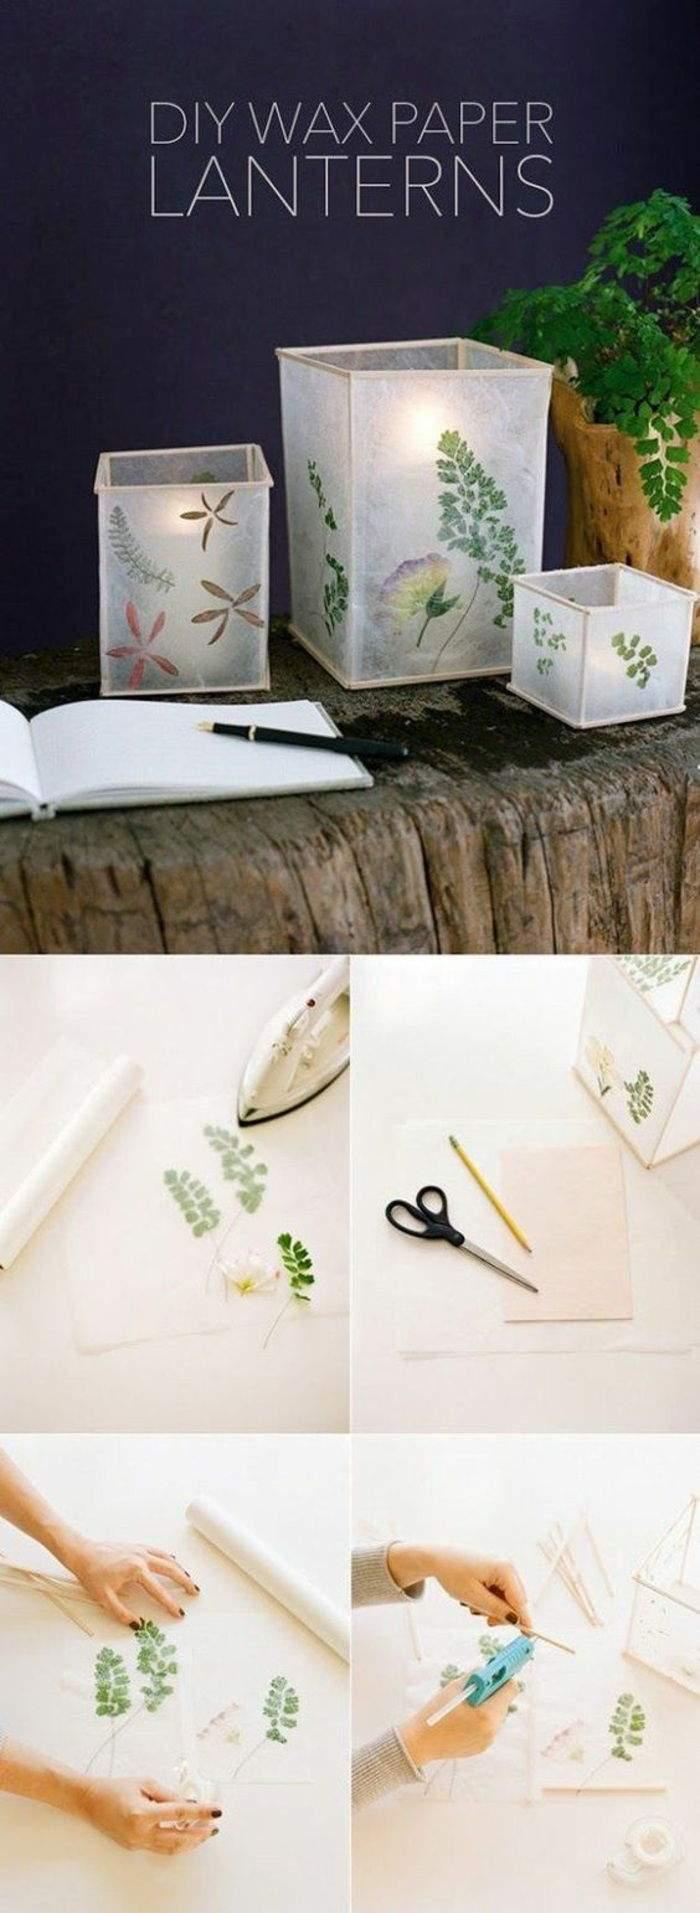 bastelanleitung laterne wachspapier diy gr C3 BCne bl C3 A4tter schere bleistift papier